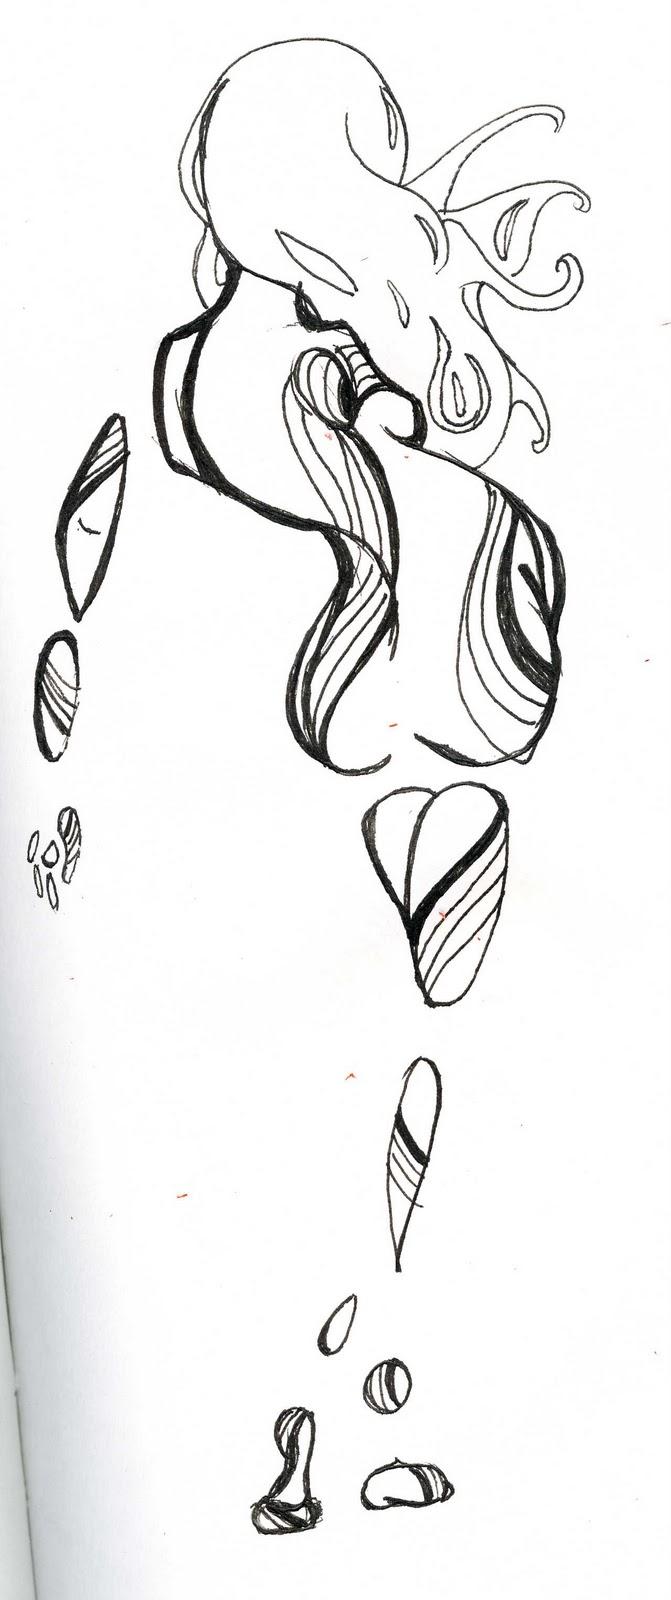 Pin heart doodles on pinterest for Weird drawing ideas